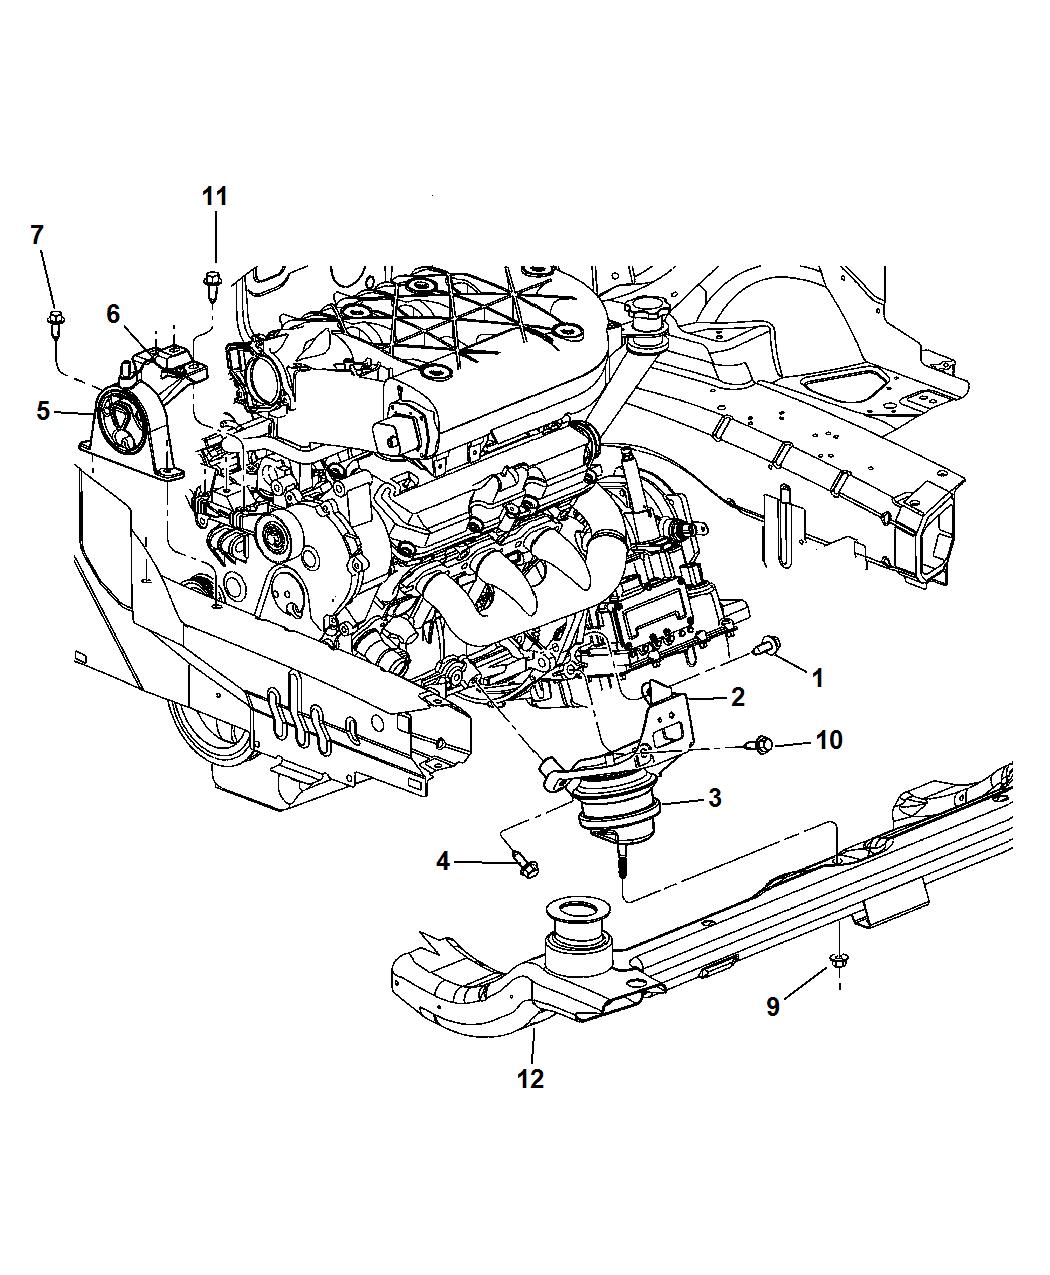 [SCHEMATICS_48ZD]  XL_3849] 2004 Chrysler Pacifica Engine Diagram Free Diagram | 05 Chrysler Pacifica Engine Diagram |  | Meric Benkeme Mohammedshrine Librar Wiring 101